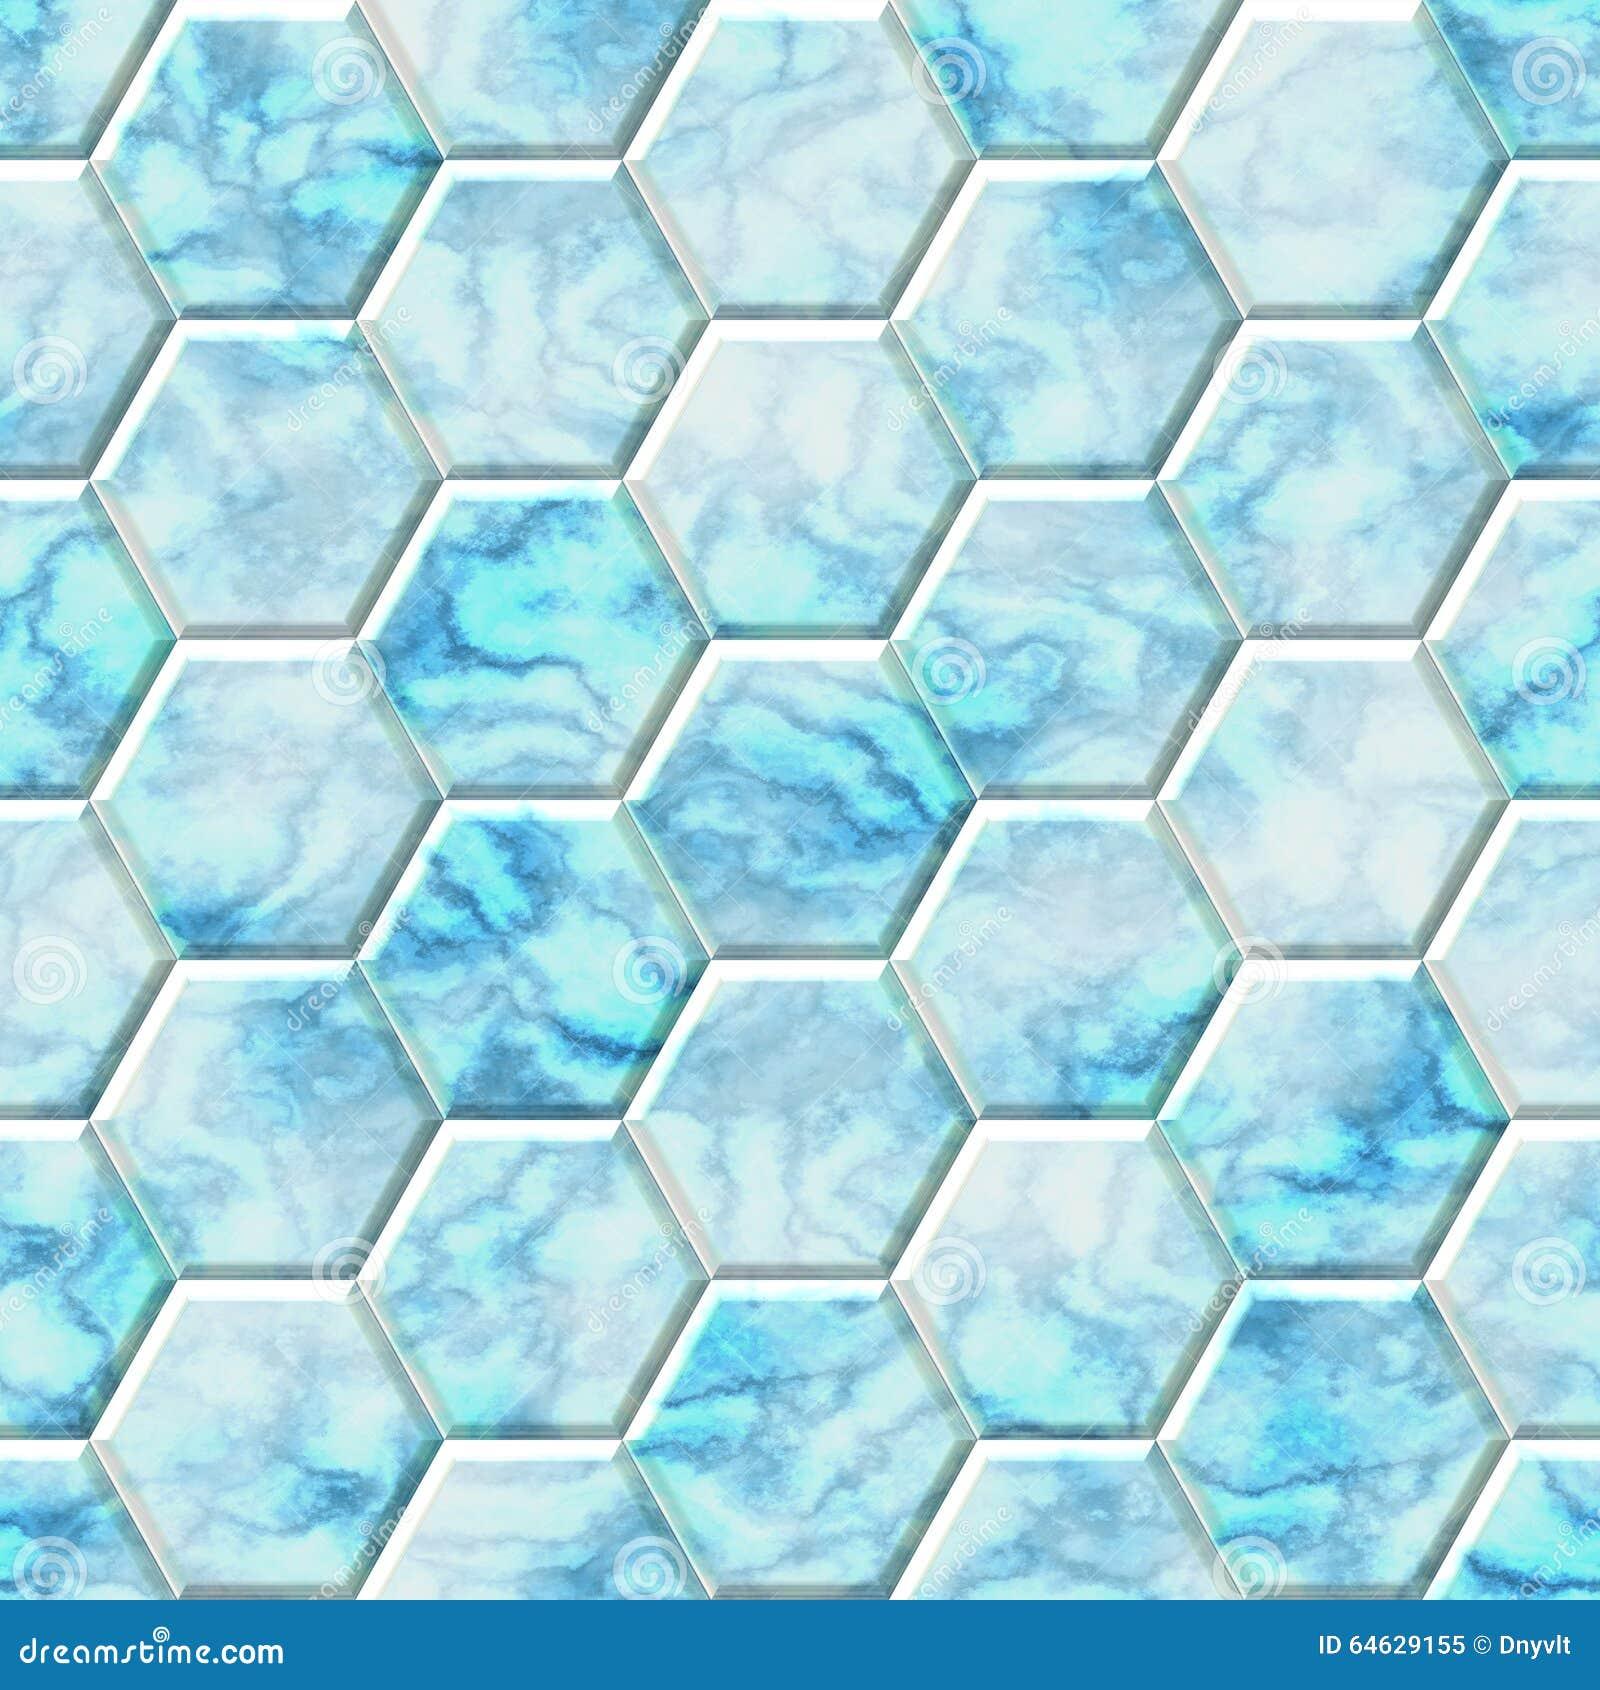 Marble Blue White Seamless Hexagon Background Stock